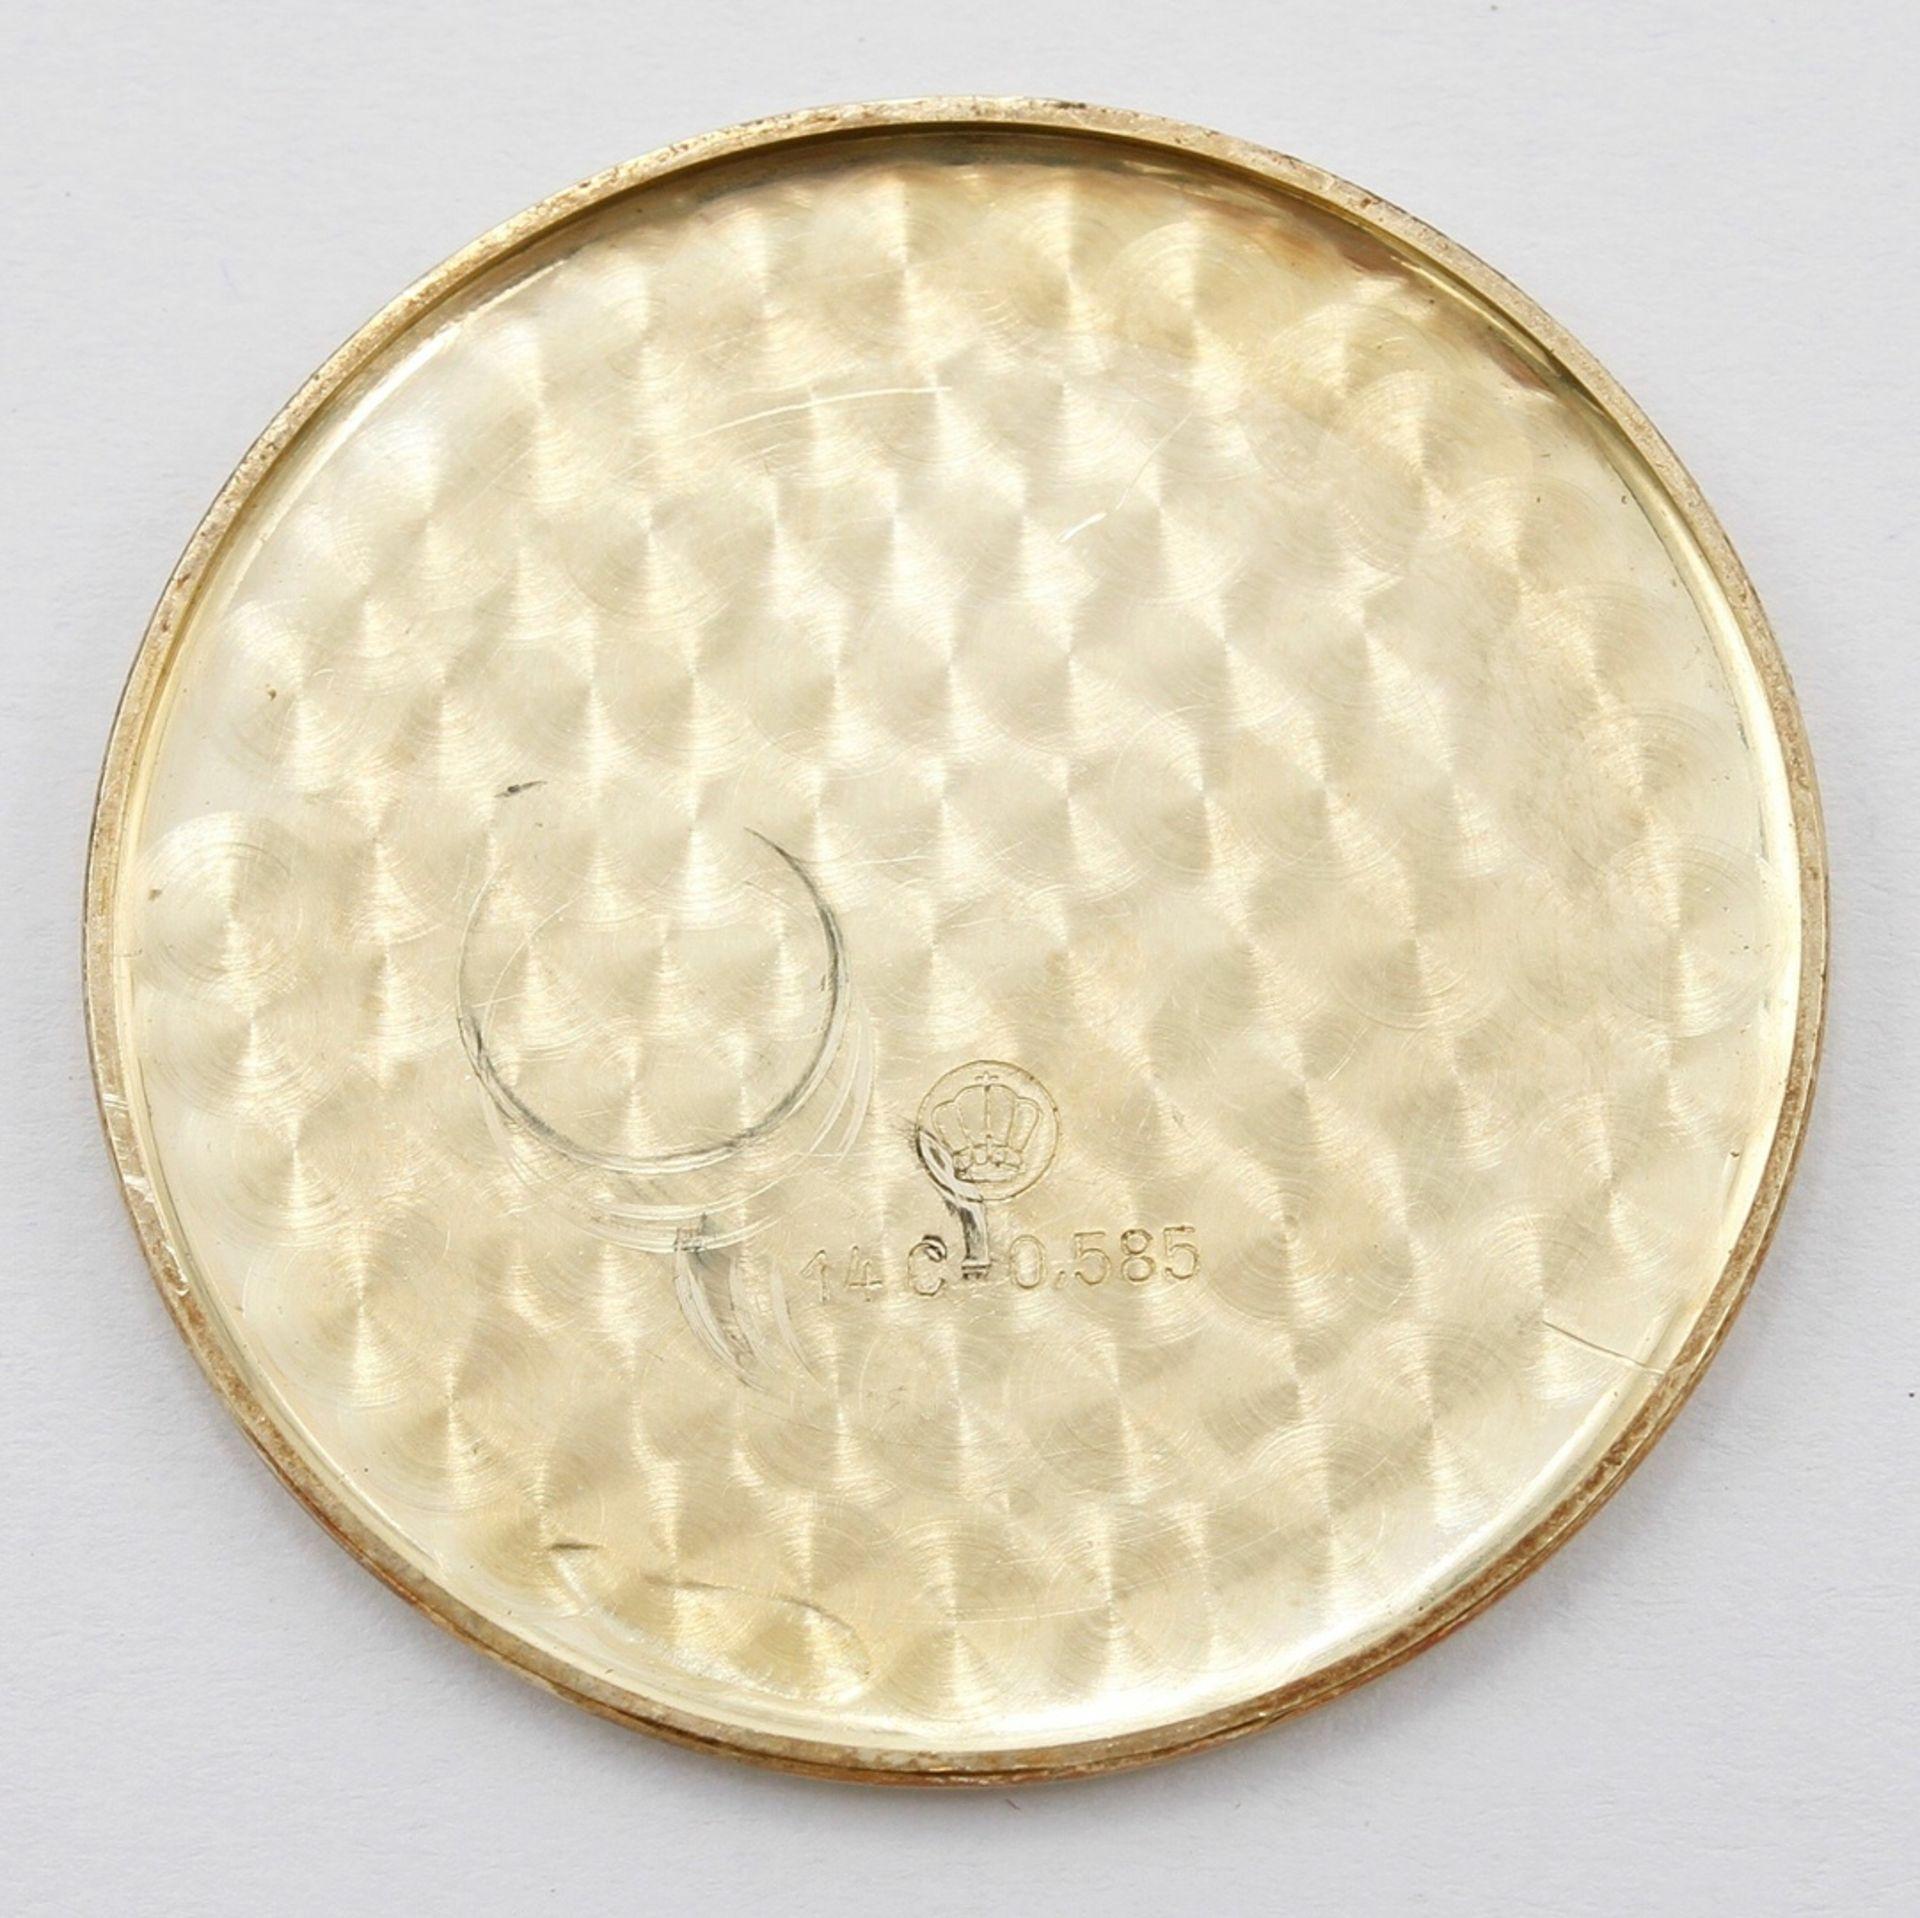 Kleine goldene Anhängeruhr / Damentaschenuhr, 2. Hälfte 20. Jh. - Bild 5 aus 5